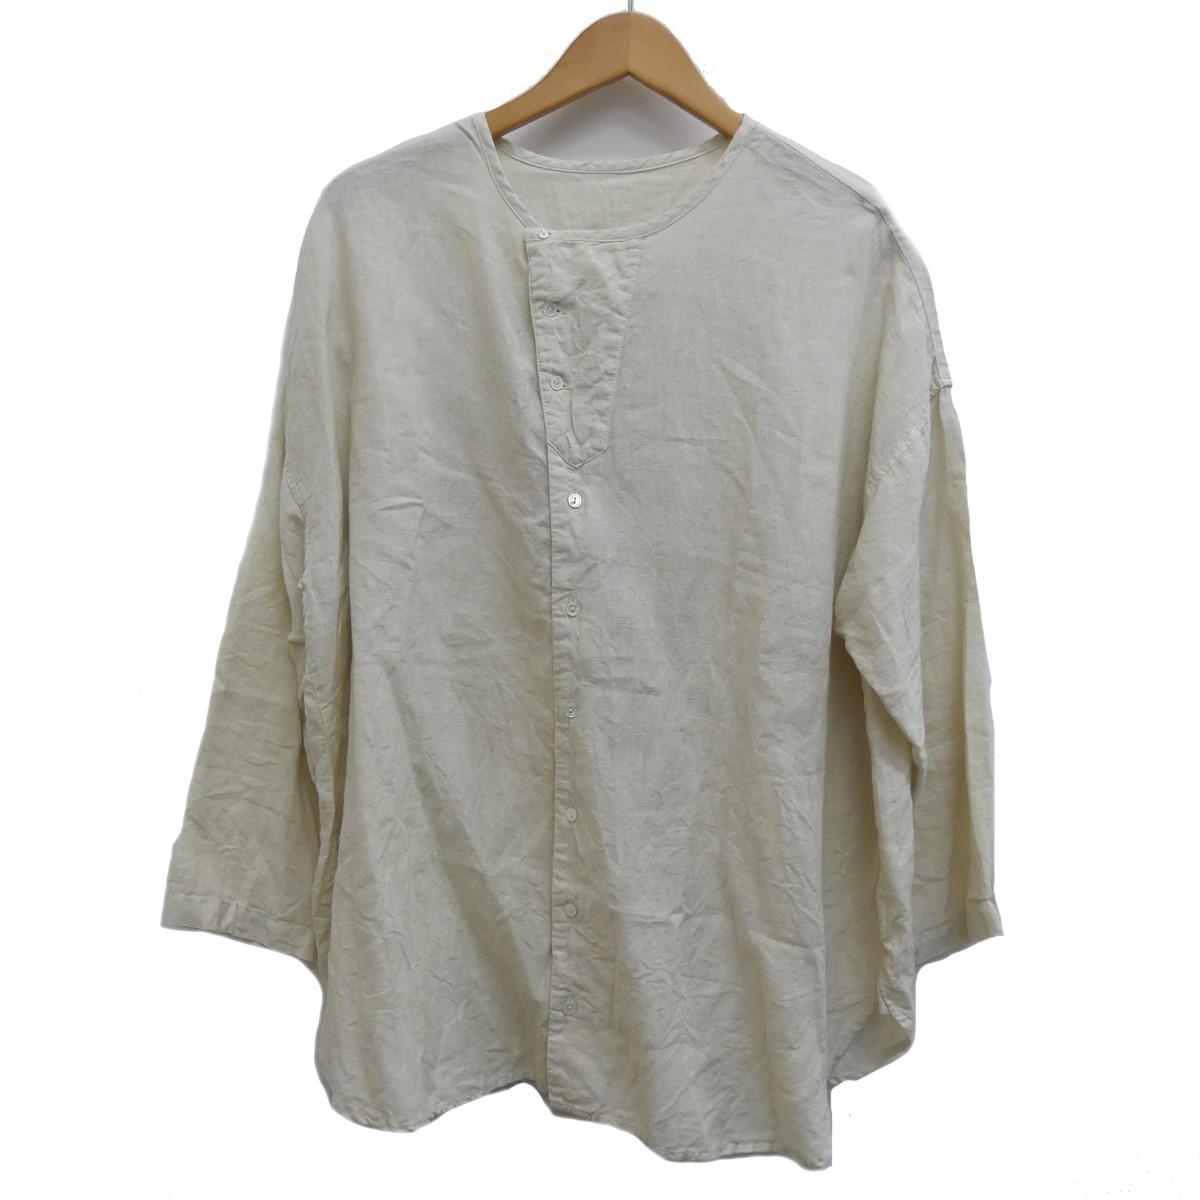 【中古】nest Robe 20SS リネンノーカラーシャツ ベージュ サイズ:Free 【060420】(ネストローブ)